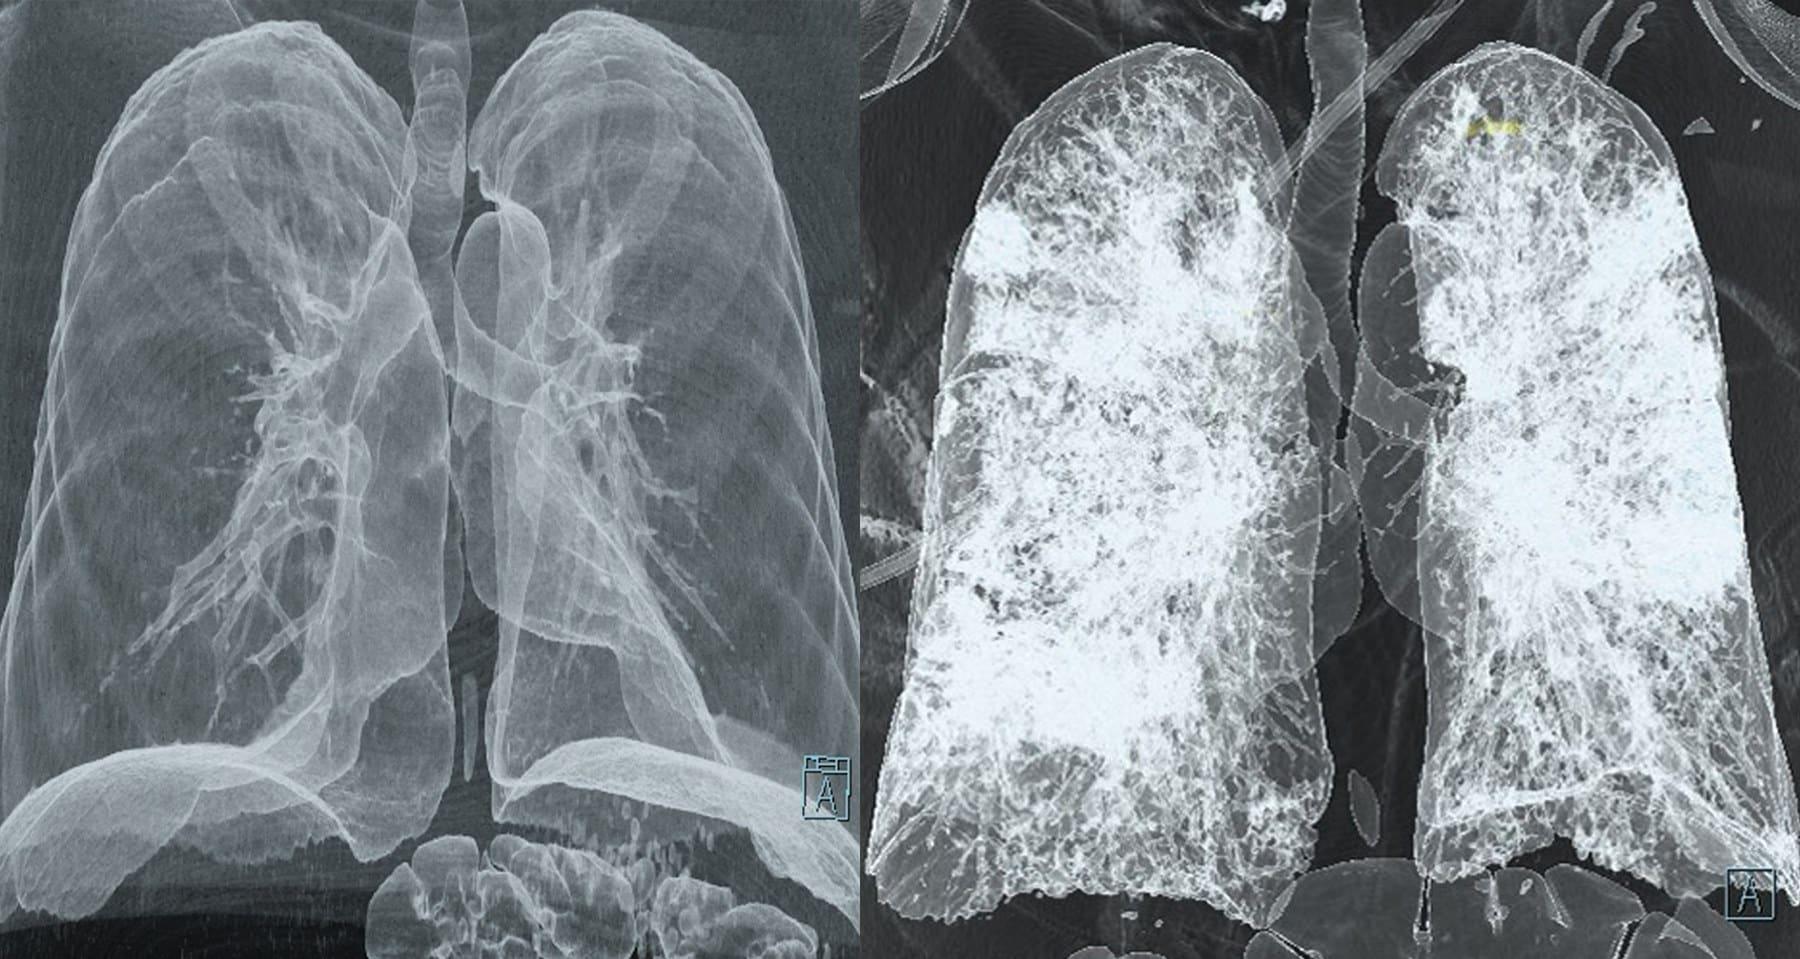 polmoni prima e dopo covid 19